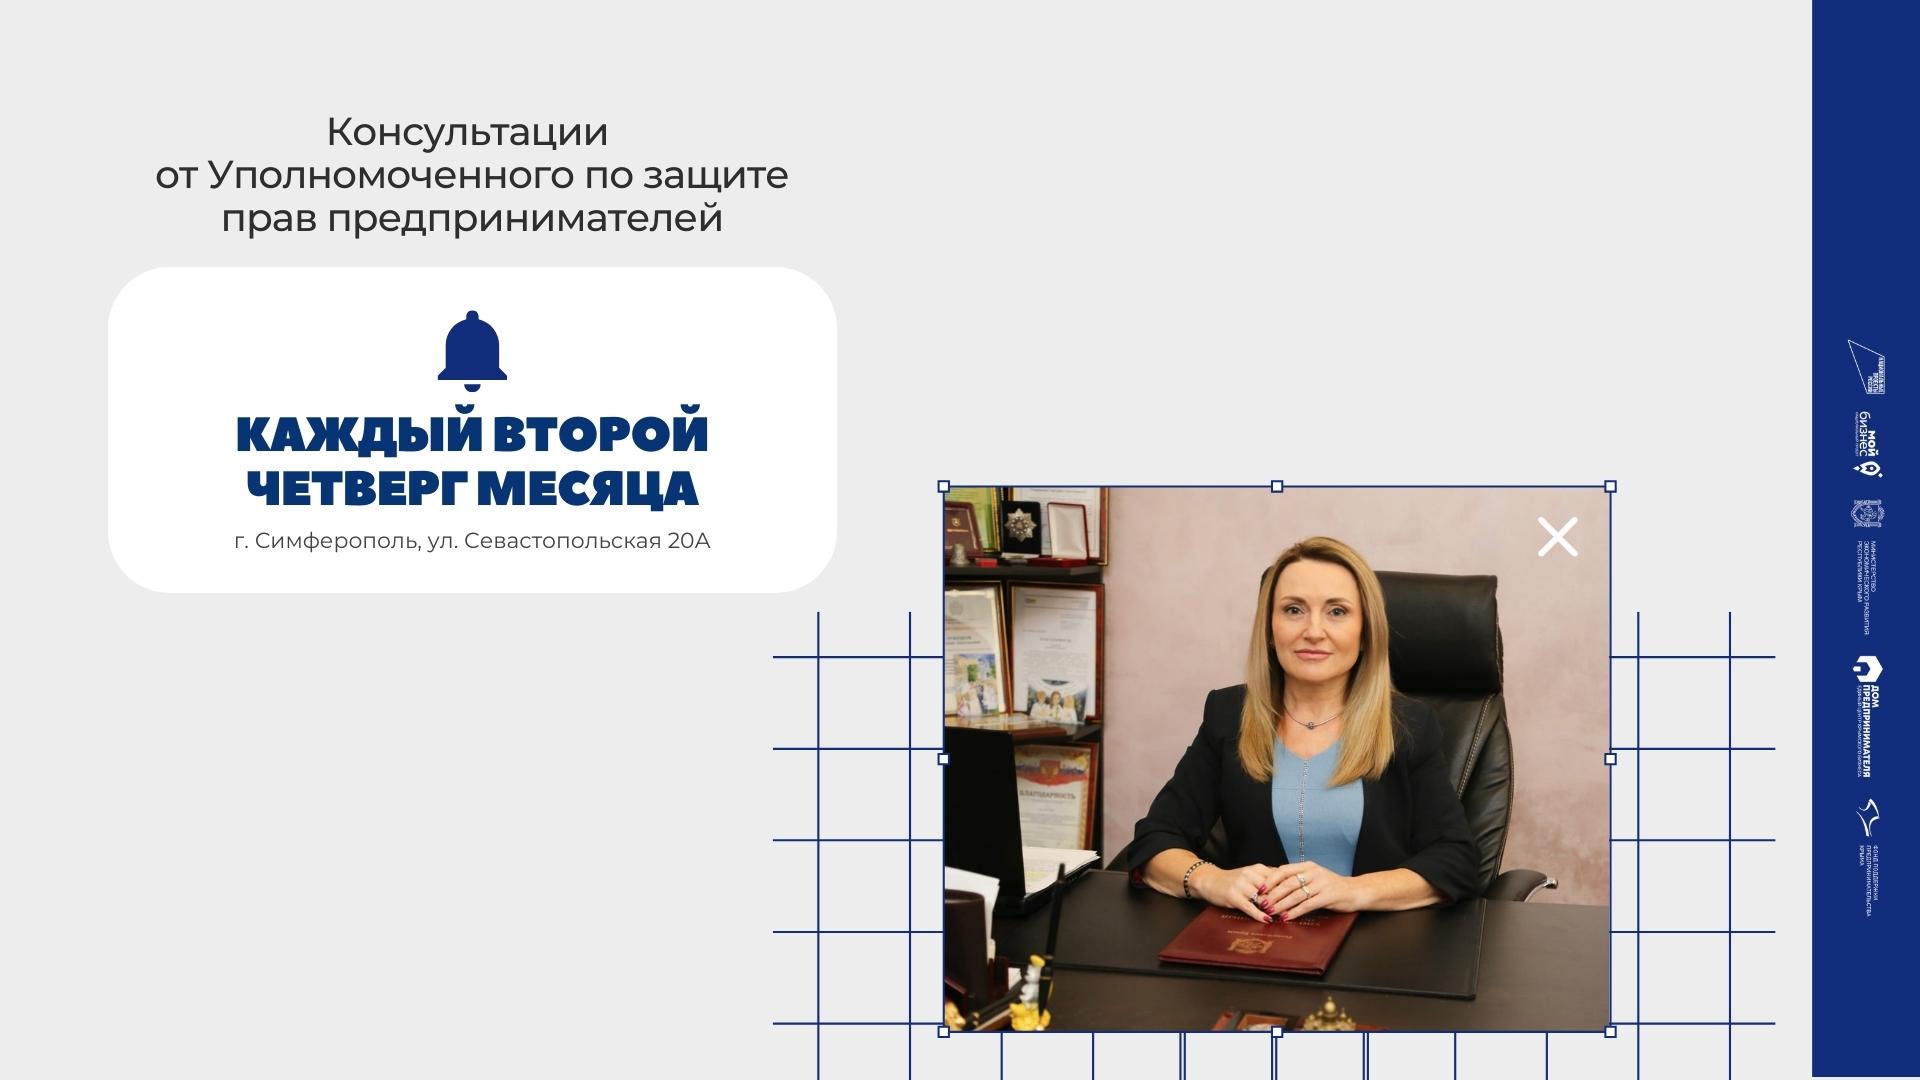 В Доме предпринимателя можно получить бесплатную консультацию от Уполномоченного по защите прав предпринимателей